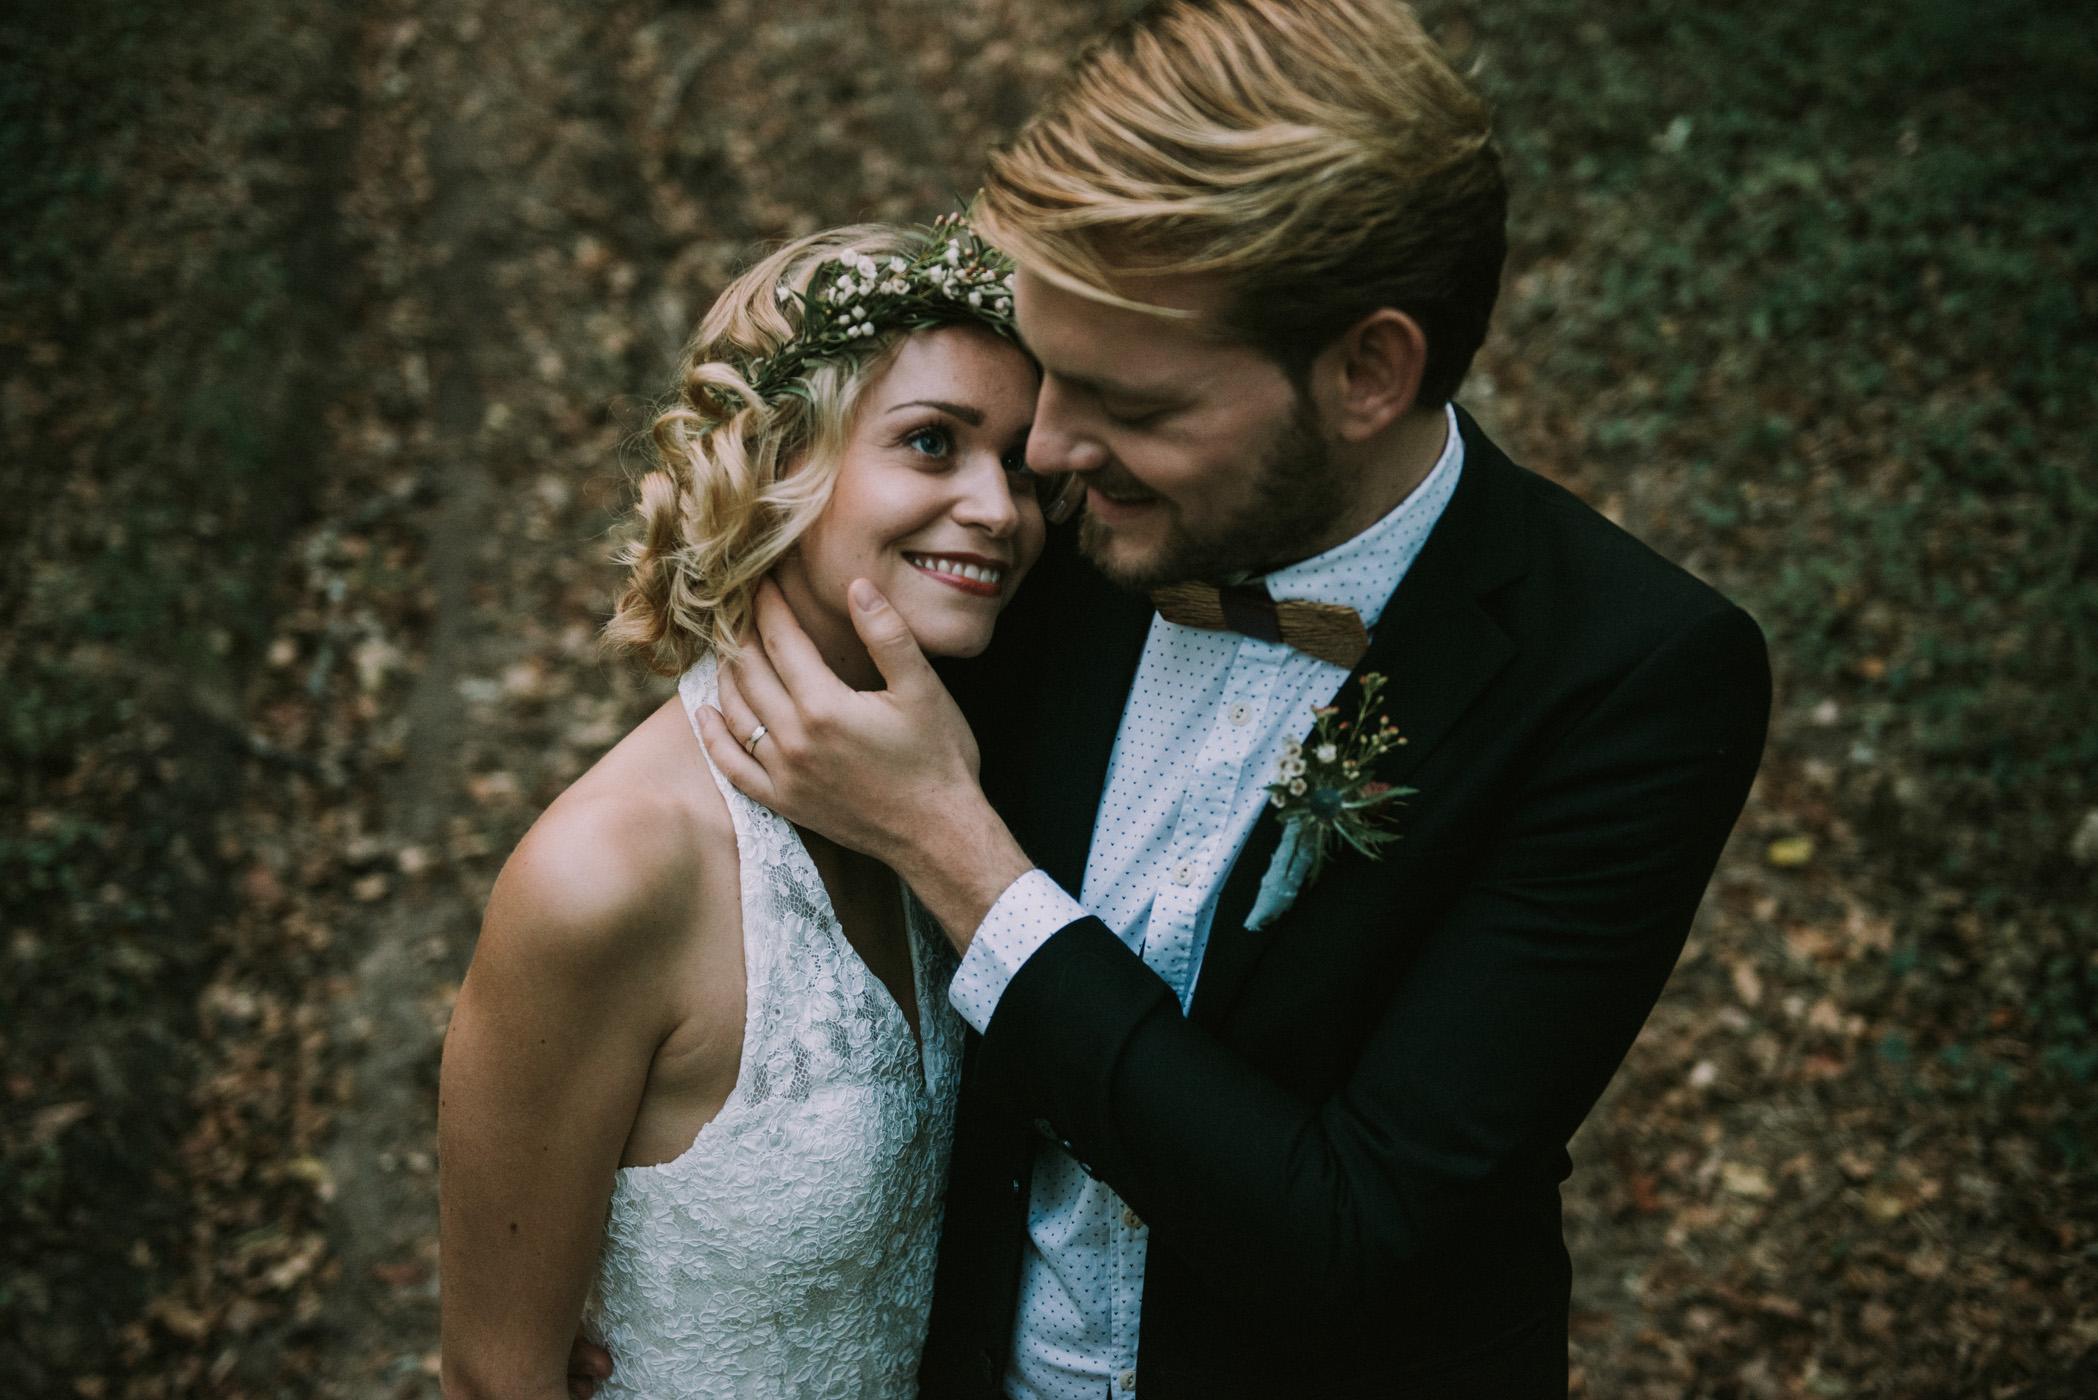 sun-drops-down-shooting-dinspiration-automnal-sous-les-bois-en-dordogne-blog-mariage-la-mariee-sous-les-etoiles-photo-mira-al-pajarito-25